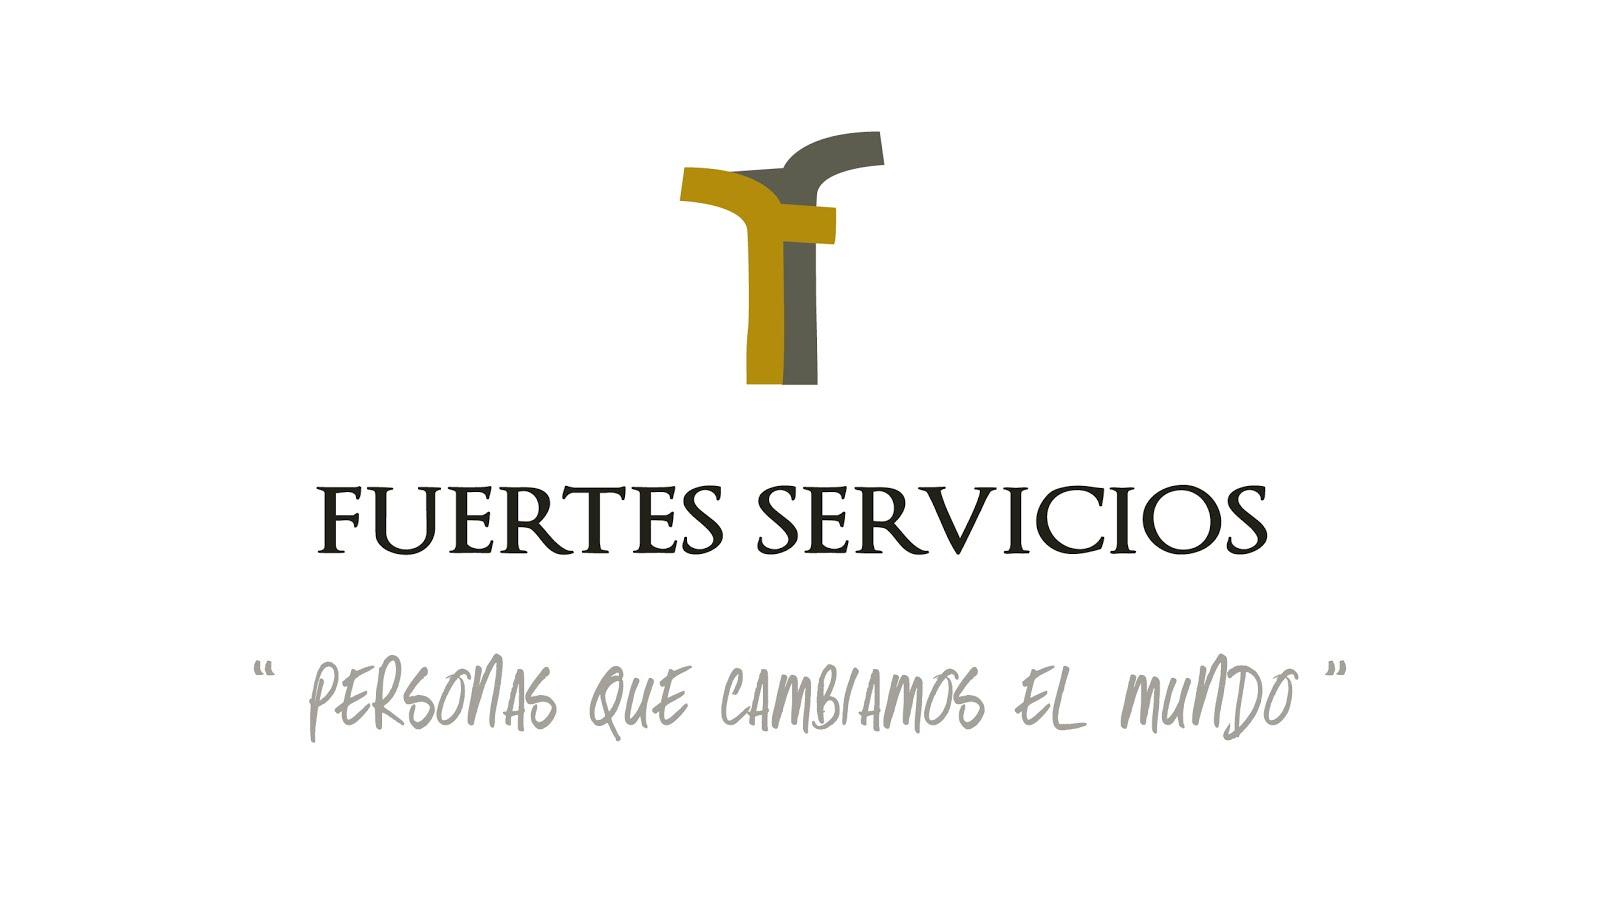 FUERTES SERVICIOS